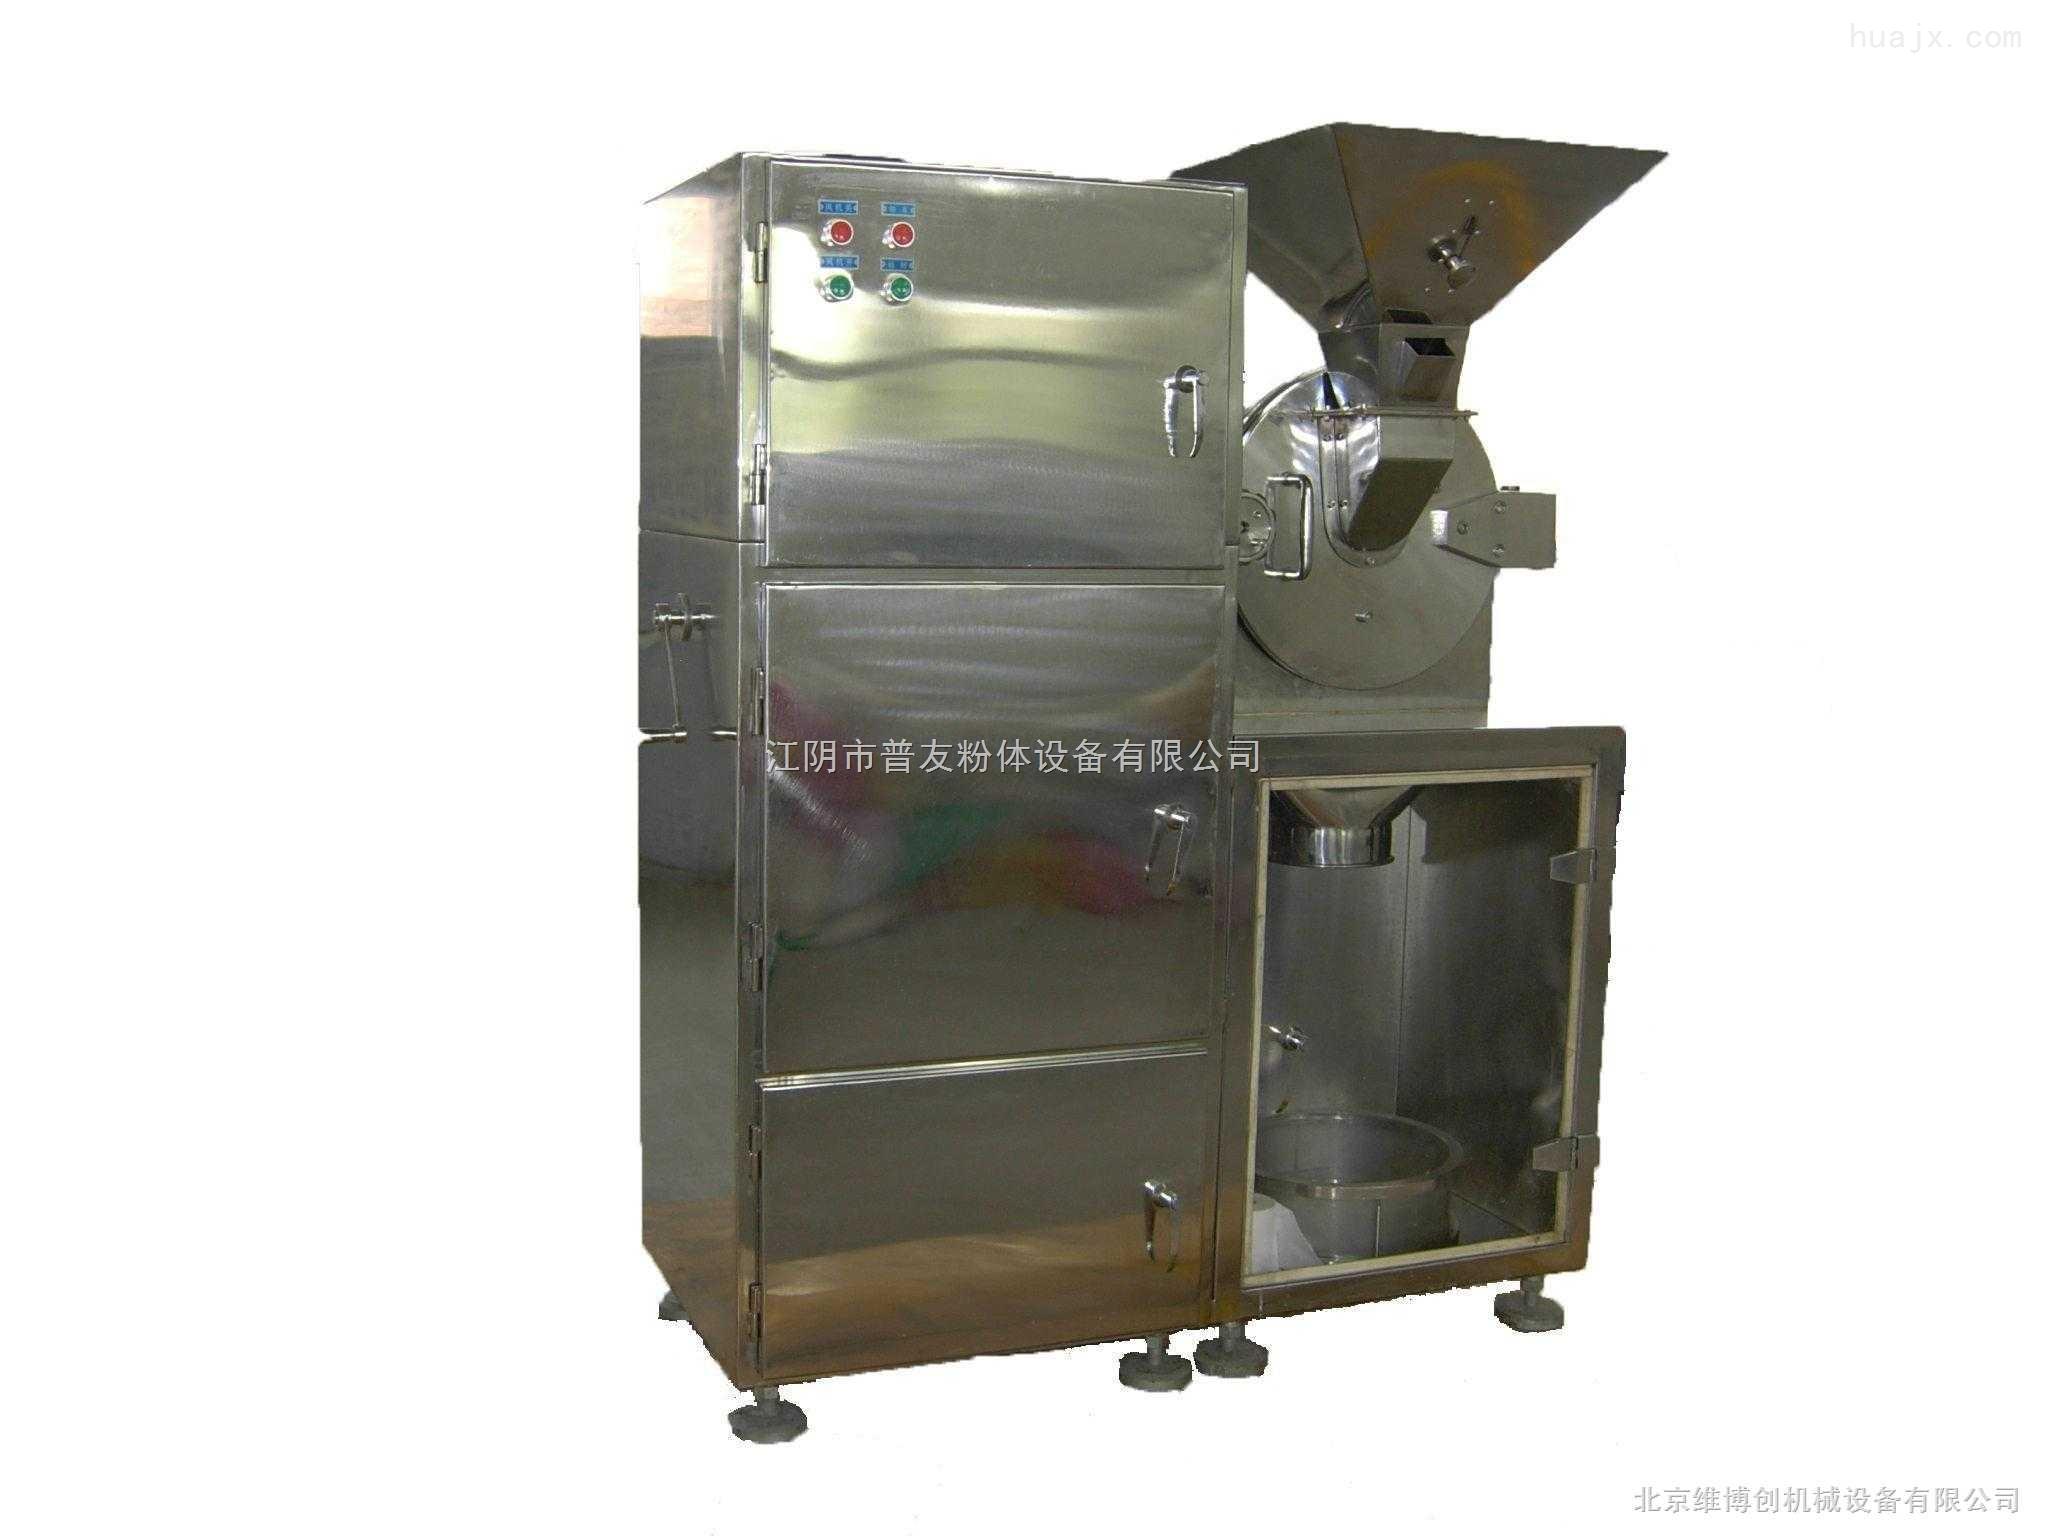 高速万能粉碎机/实验室粉碎机DFY-800A-上海谷宁仪器有限公司